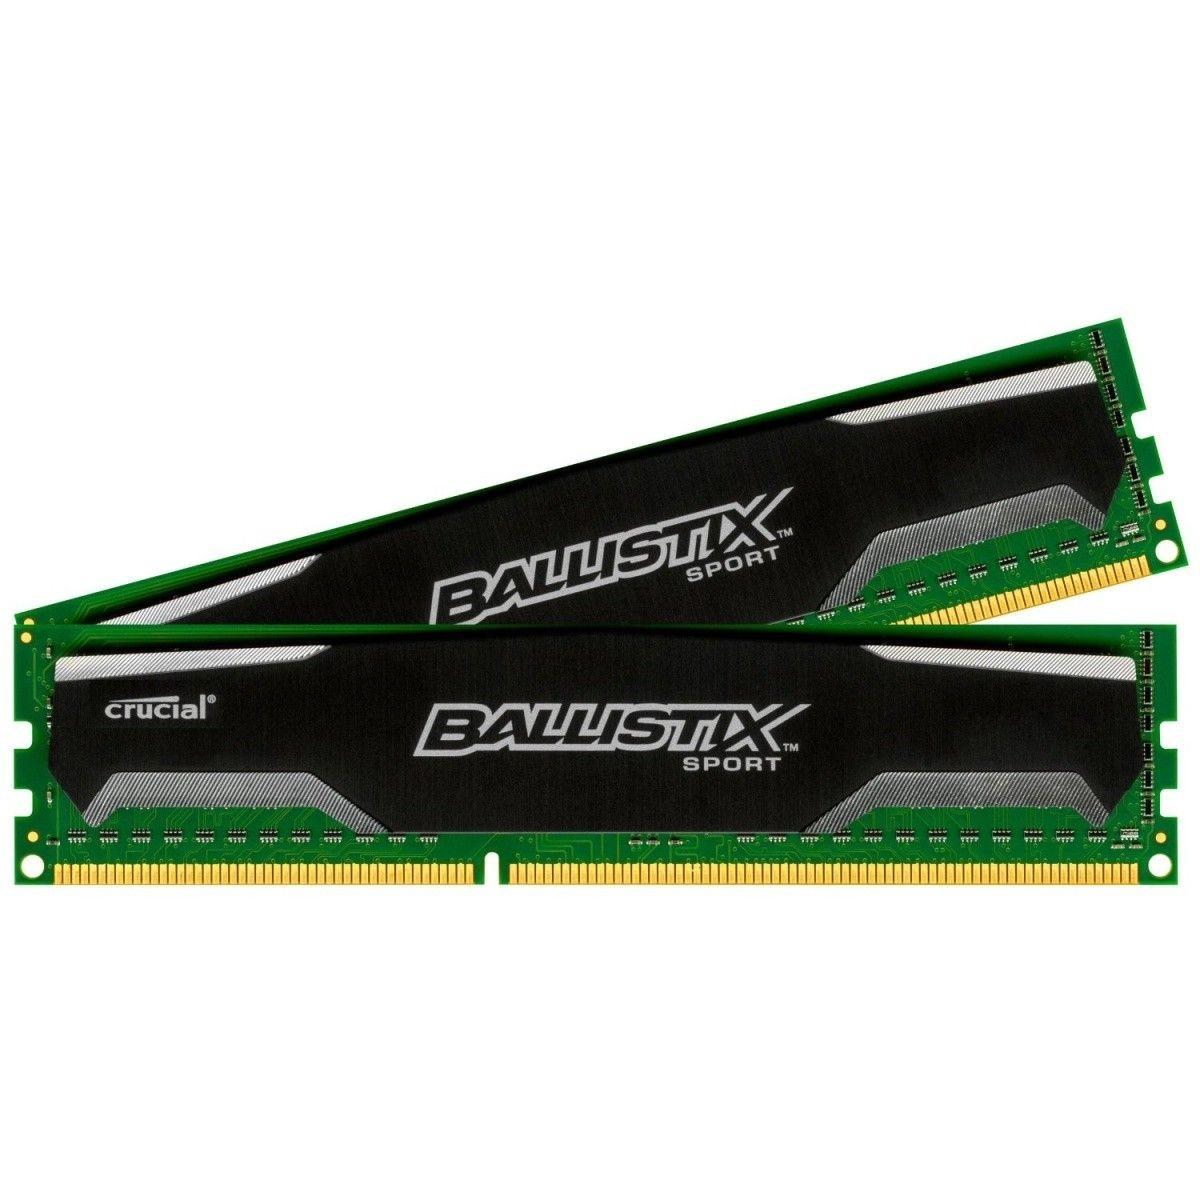 Crucial Ballistix Sport 2x4GB 1600MHz DDR3 CL9 DIMM 1.5V